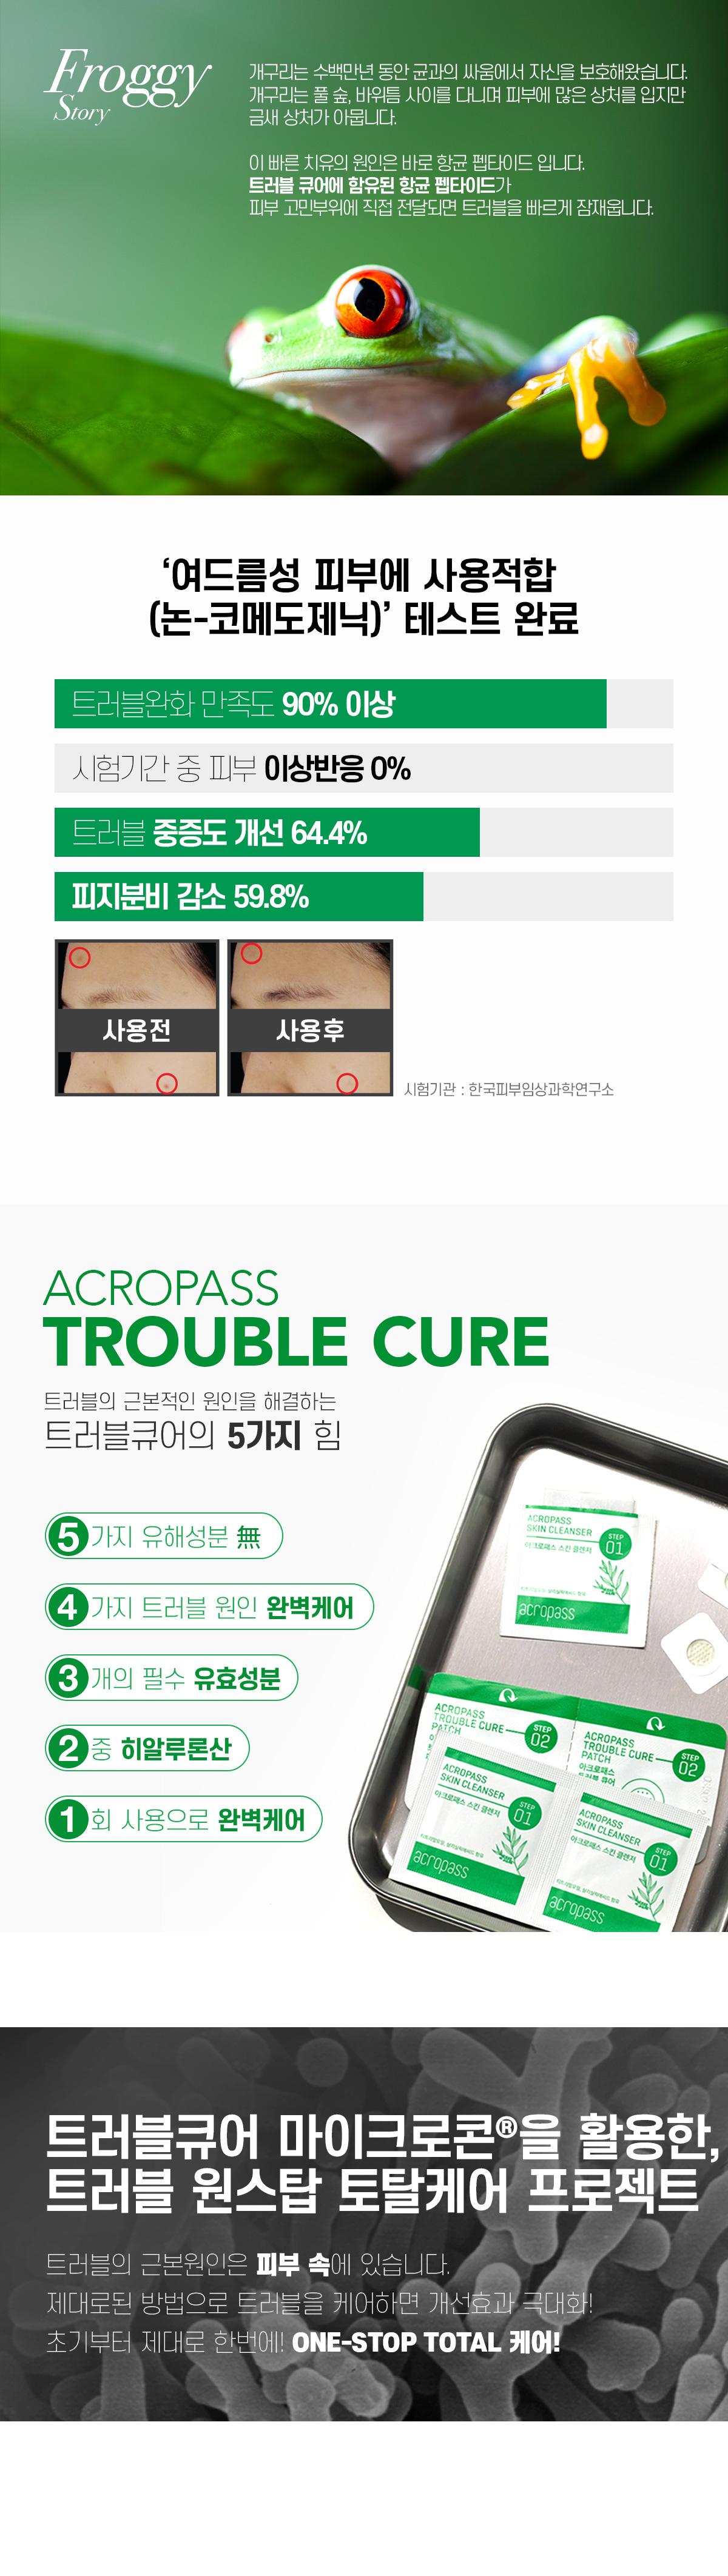 trouble_cure_03,.jpg